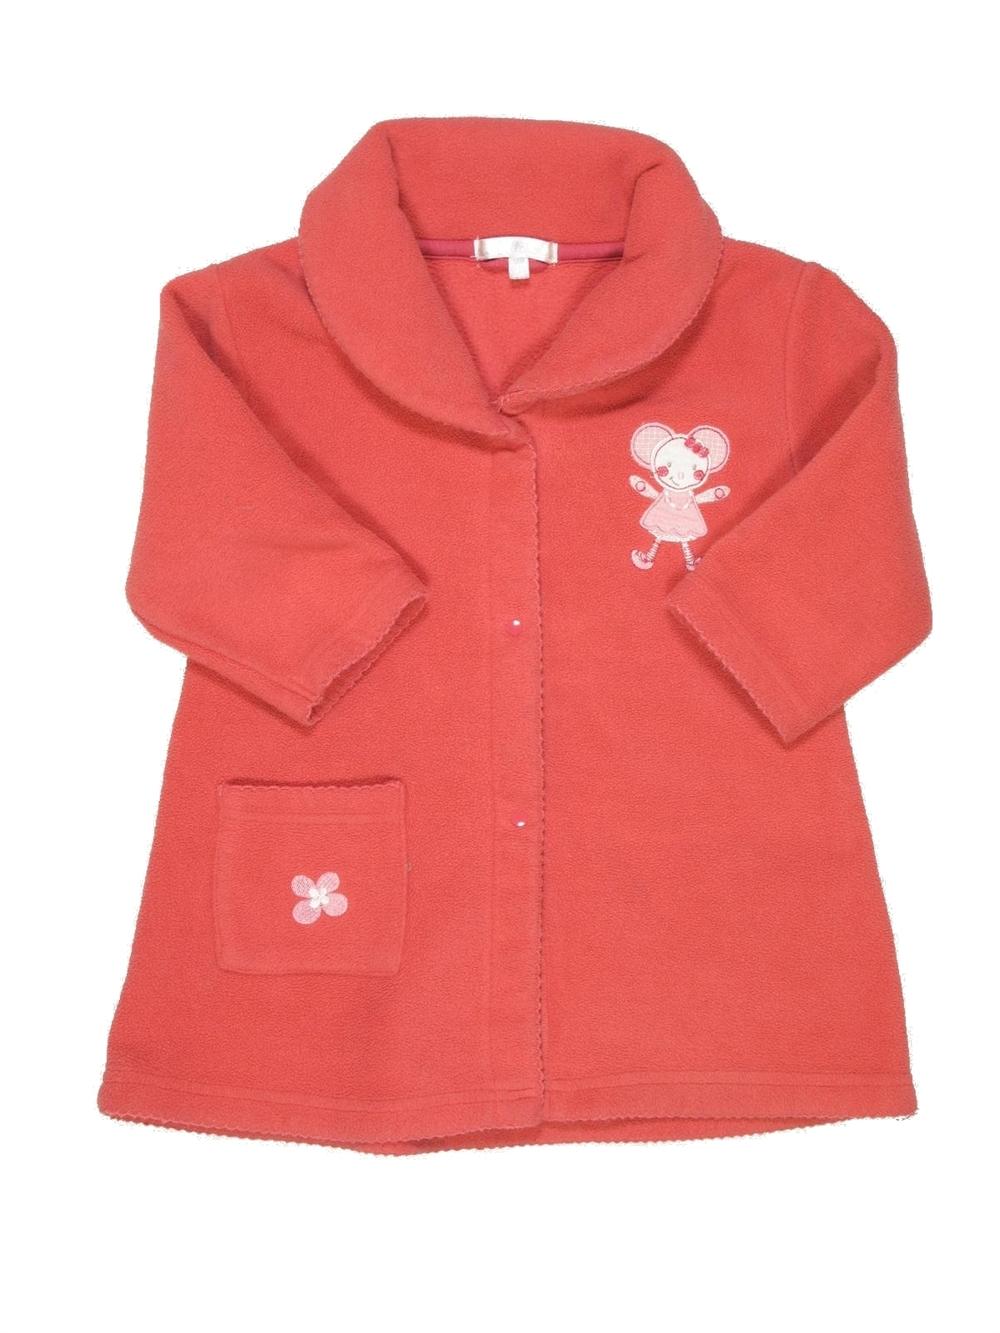 Robe De Chambre Fille Kiabi 18 Mois Pas Cher 3 30 481170